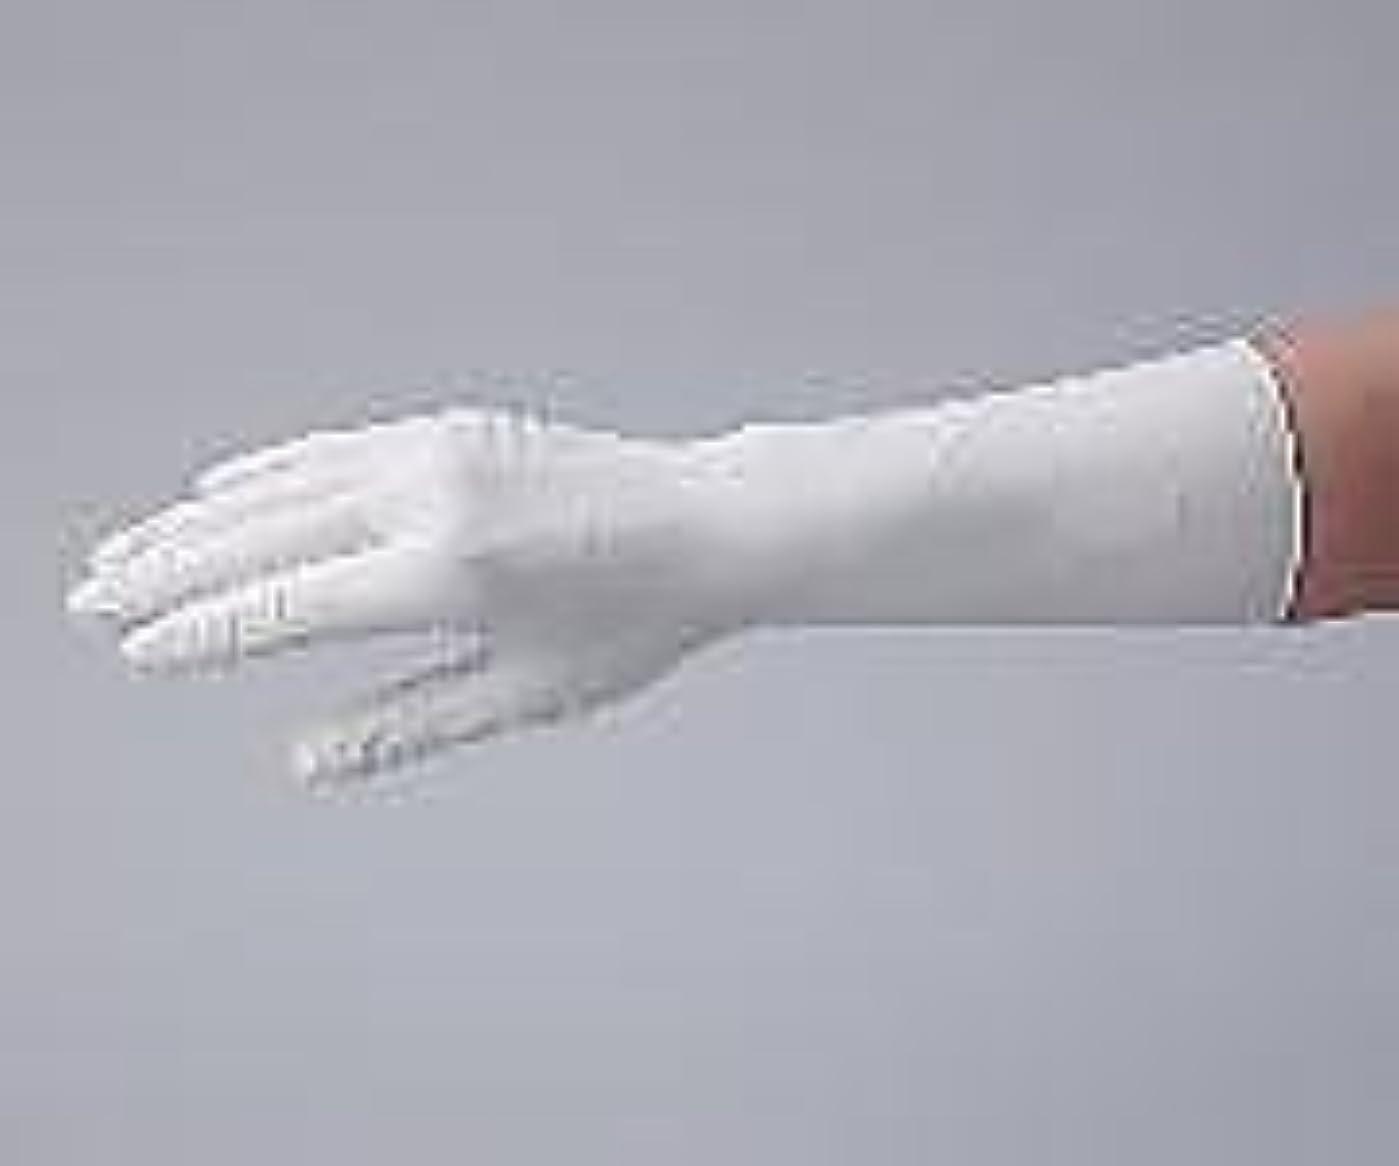 レイプ相対的いわゆるアズピュア(アズワン)1-2324-52アズピュアクリーンファーストニトリル手袋(ペアタイプ)クリーンパックS左右各50枚×10袋入